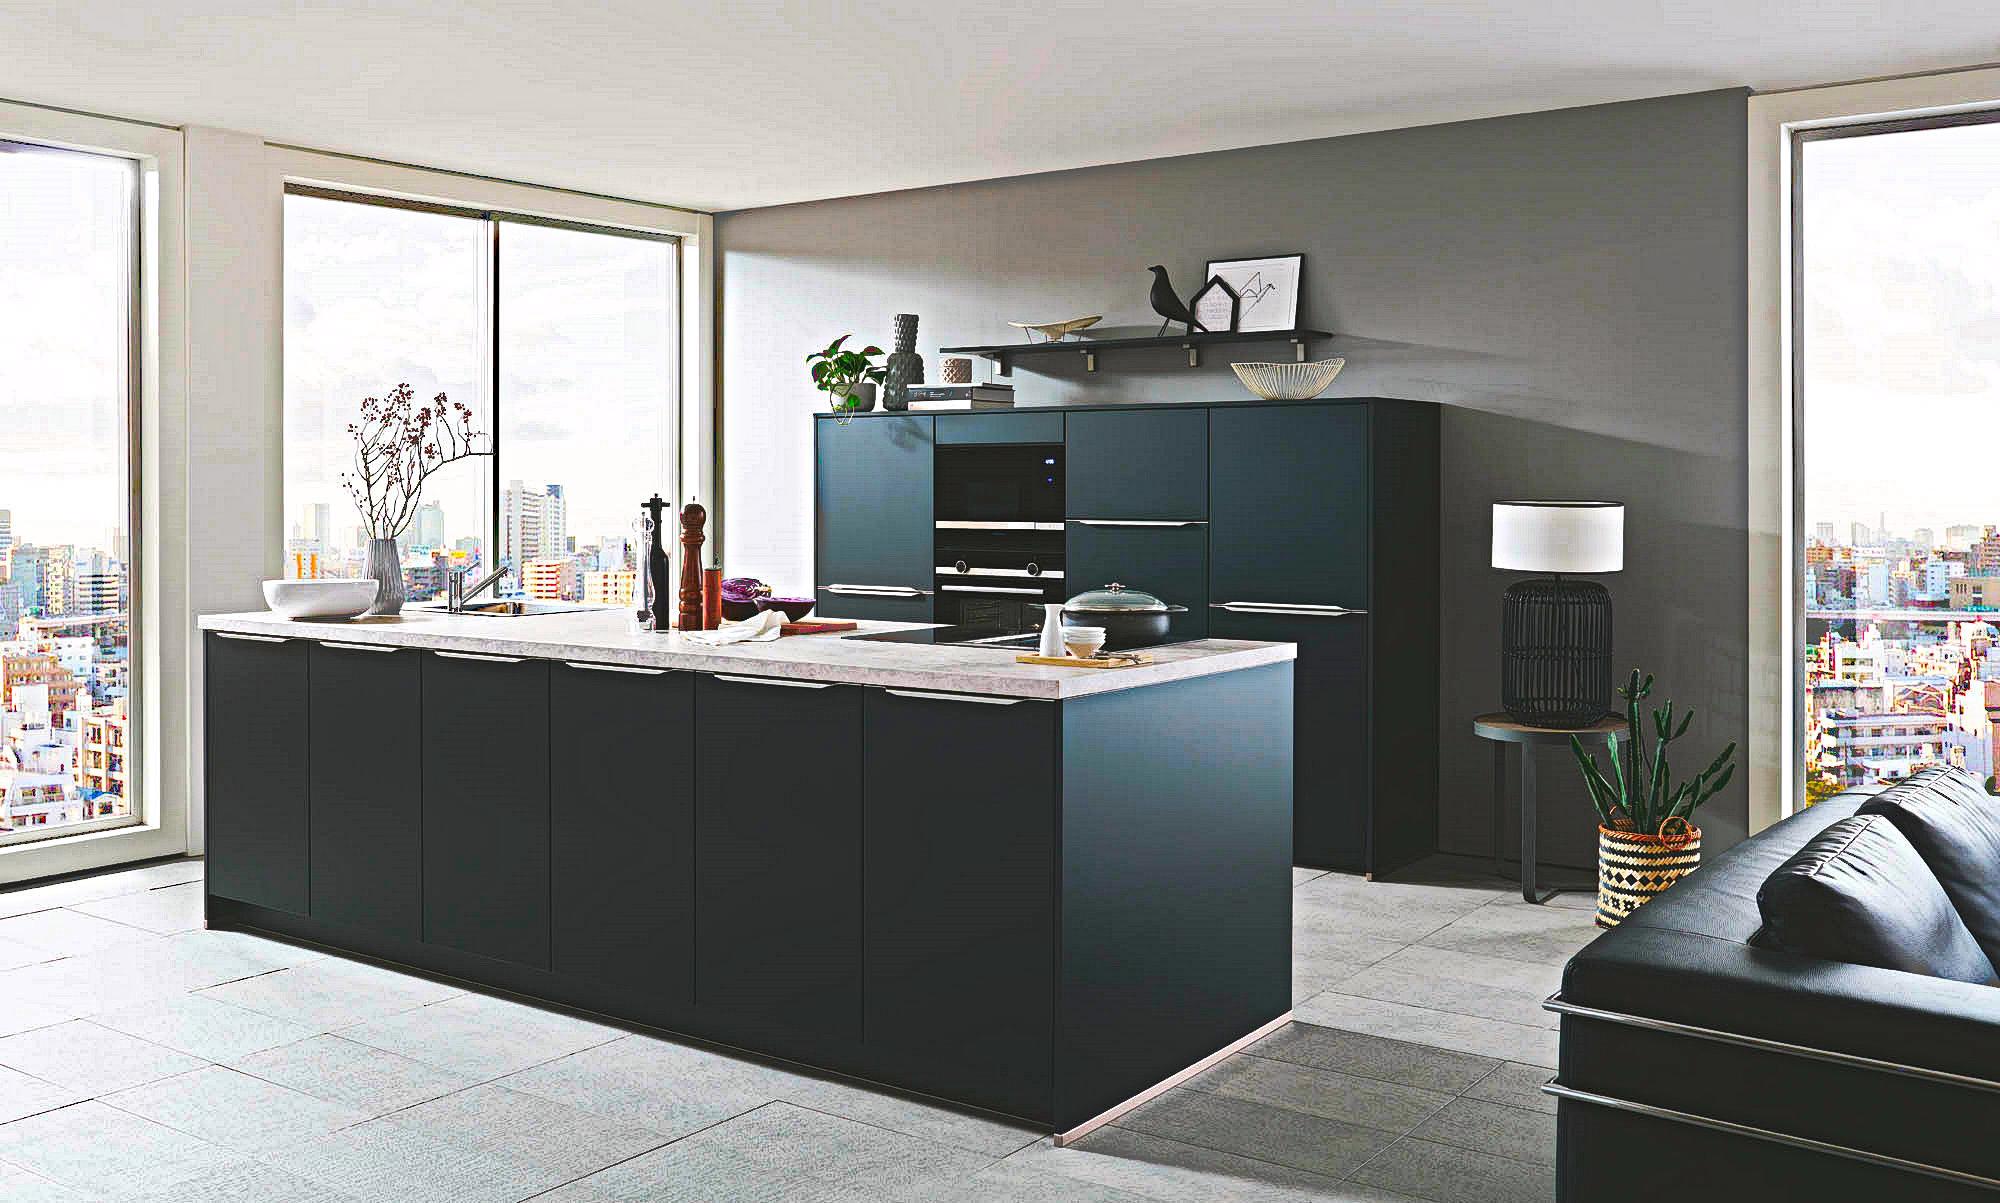 Full Size of Küche Anthrazit Grau Küche Anthrazit Wandfarbe Welche Wandfarbe Zu Anthrazit Küche Küche Anthrazit Grifflos Küche Küche Anthrazit